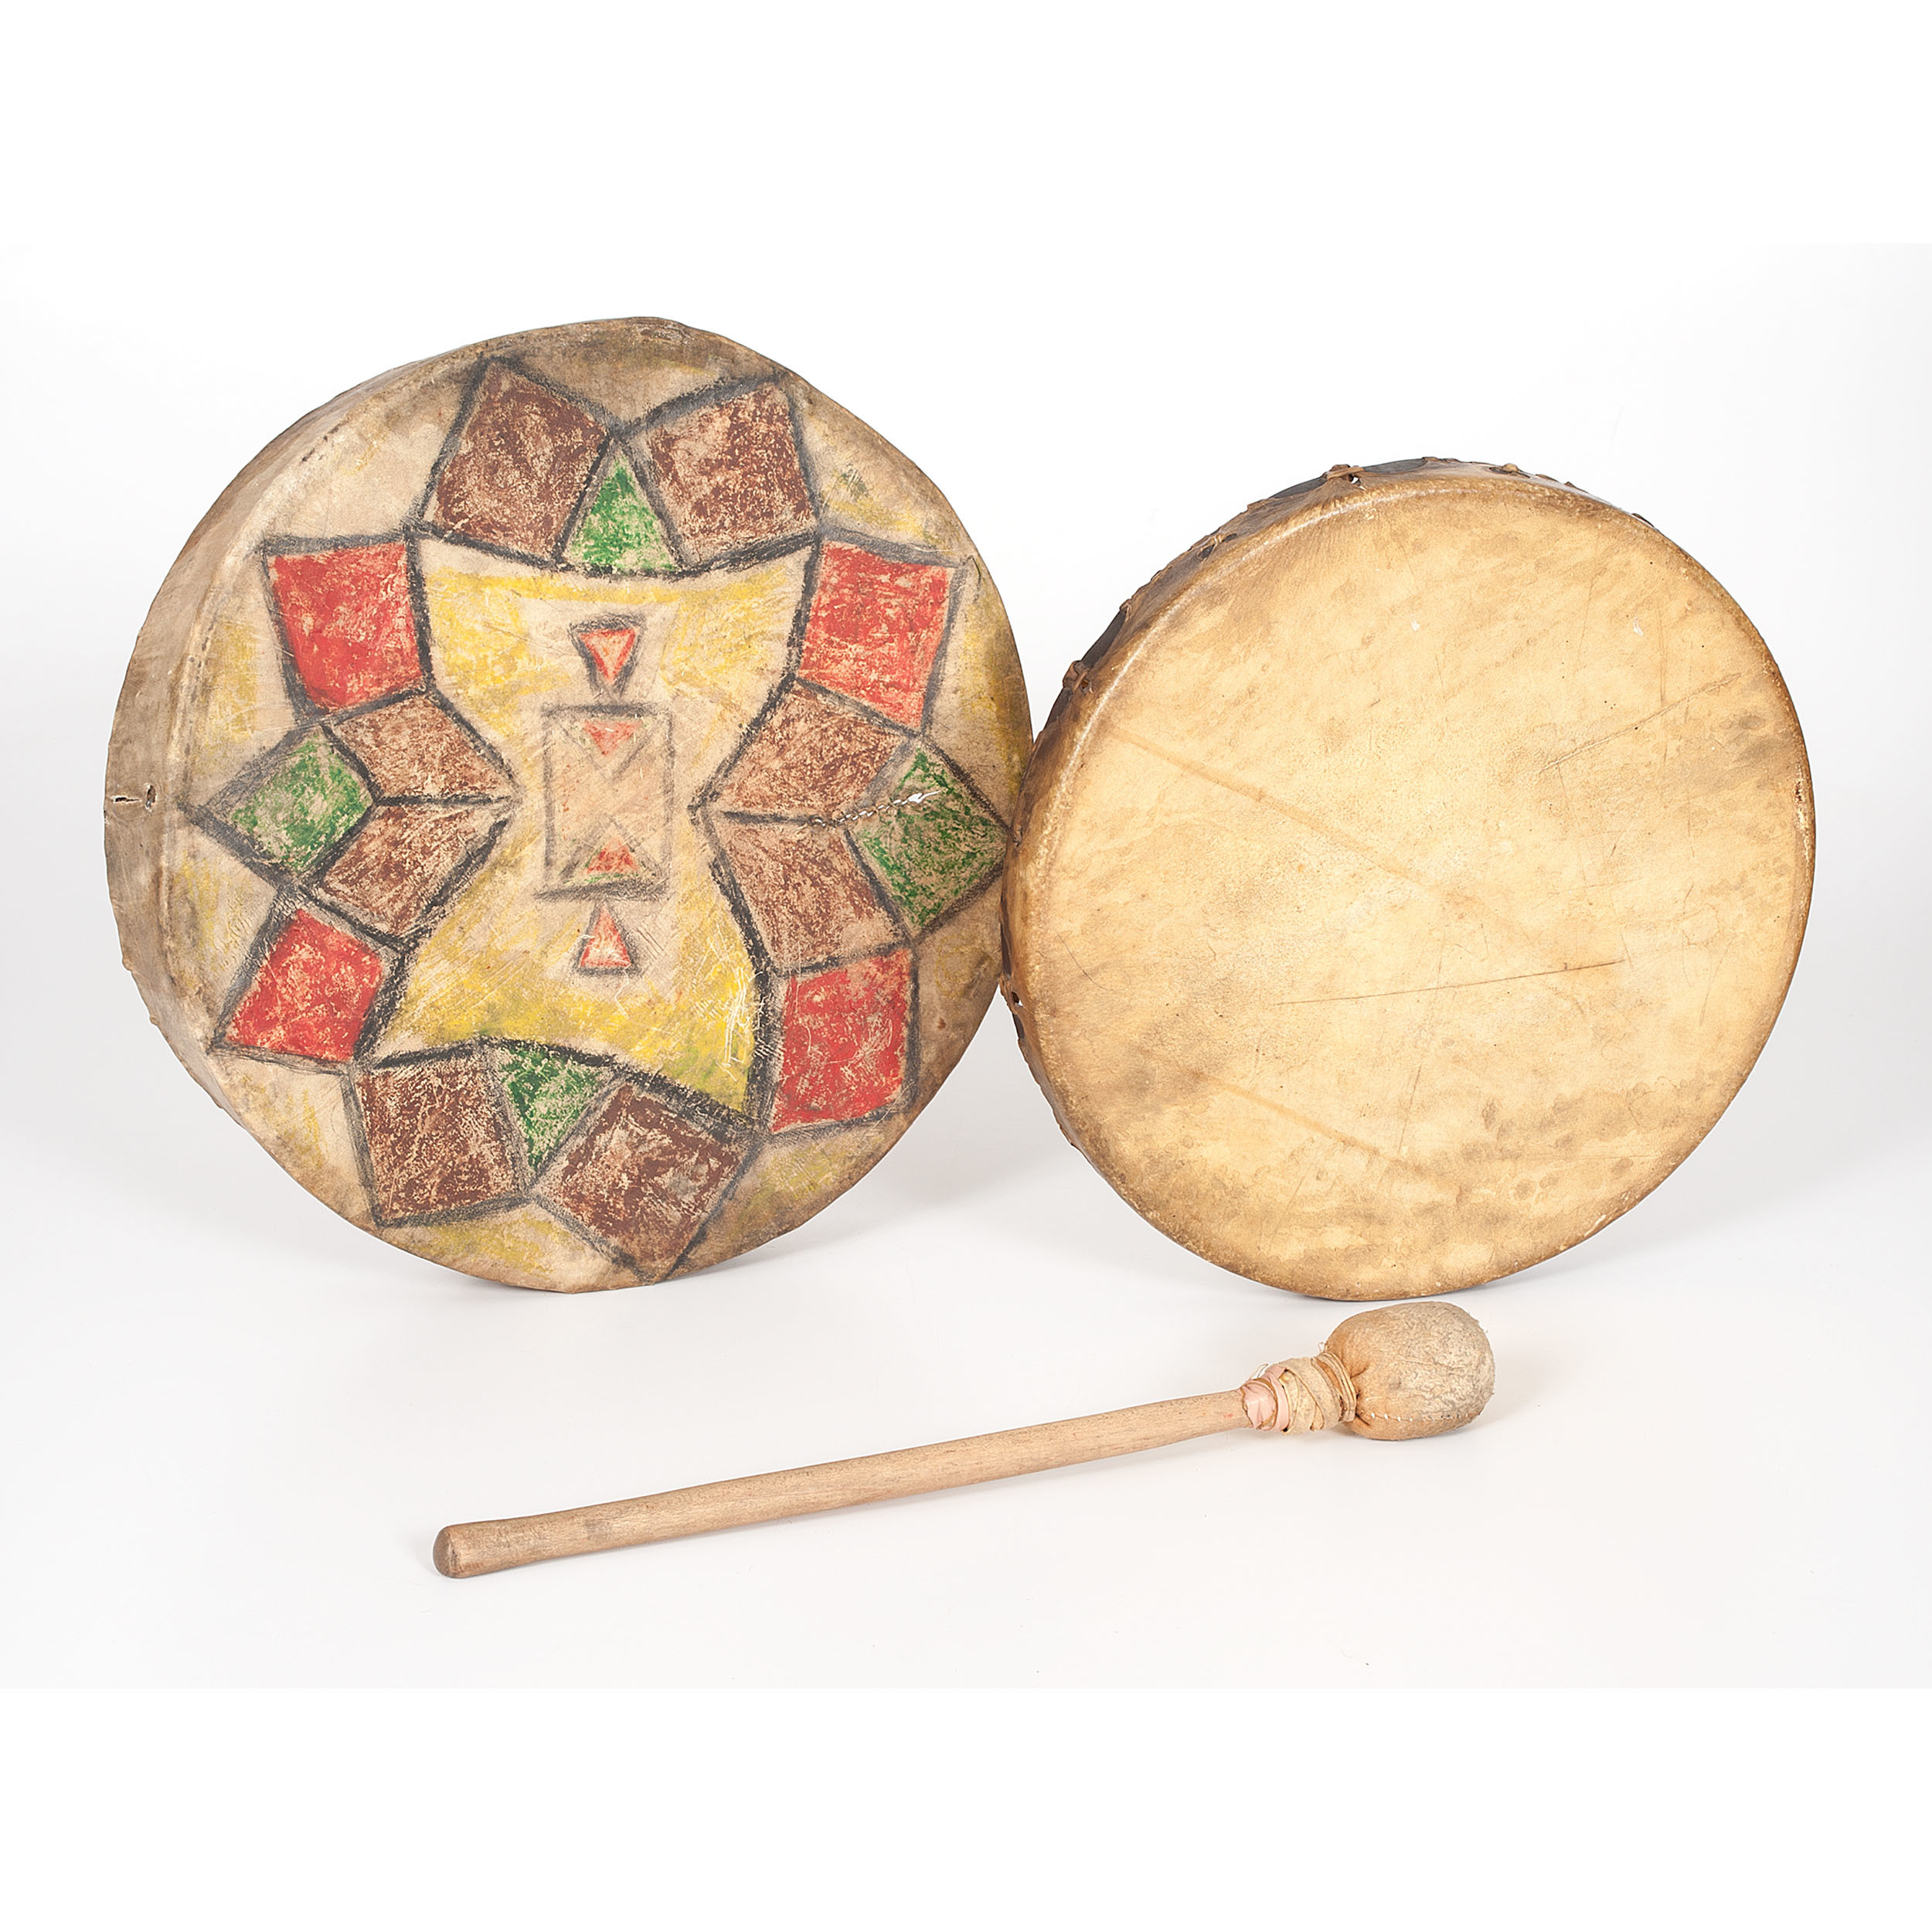 Plains Painted Hide Drums | Cowan's Auction House: The